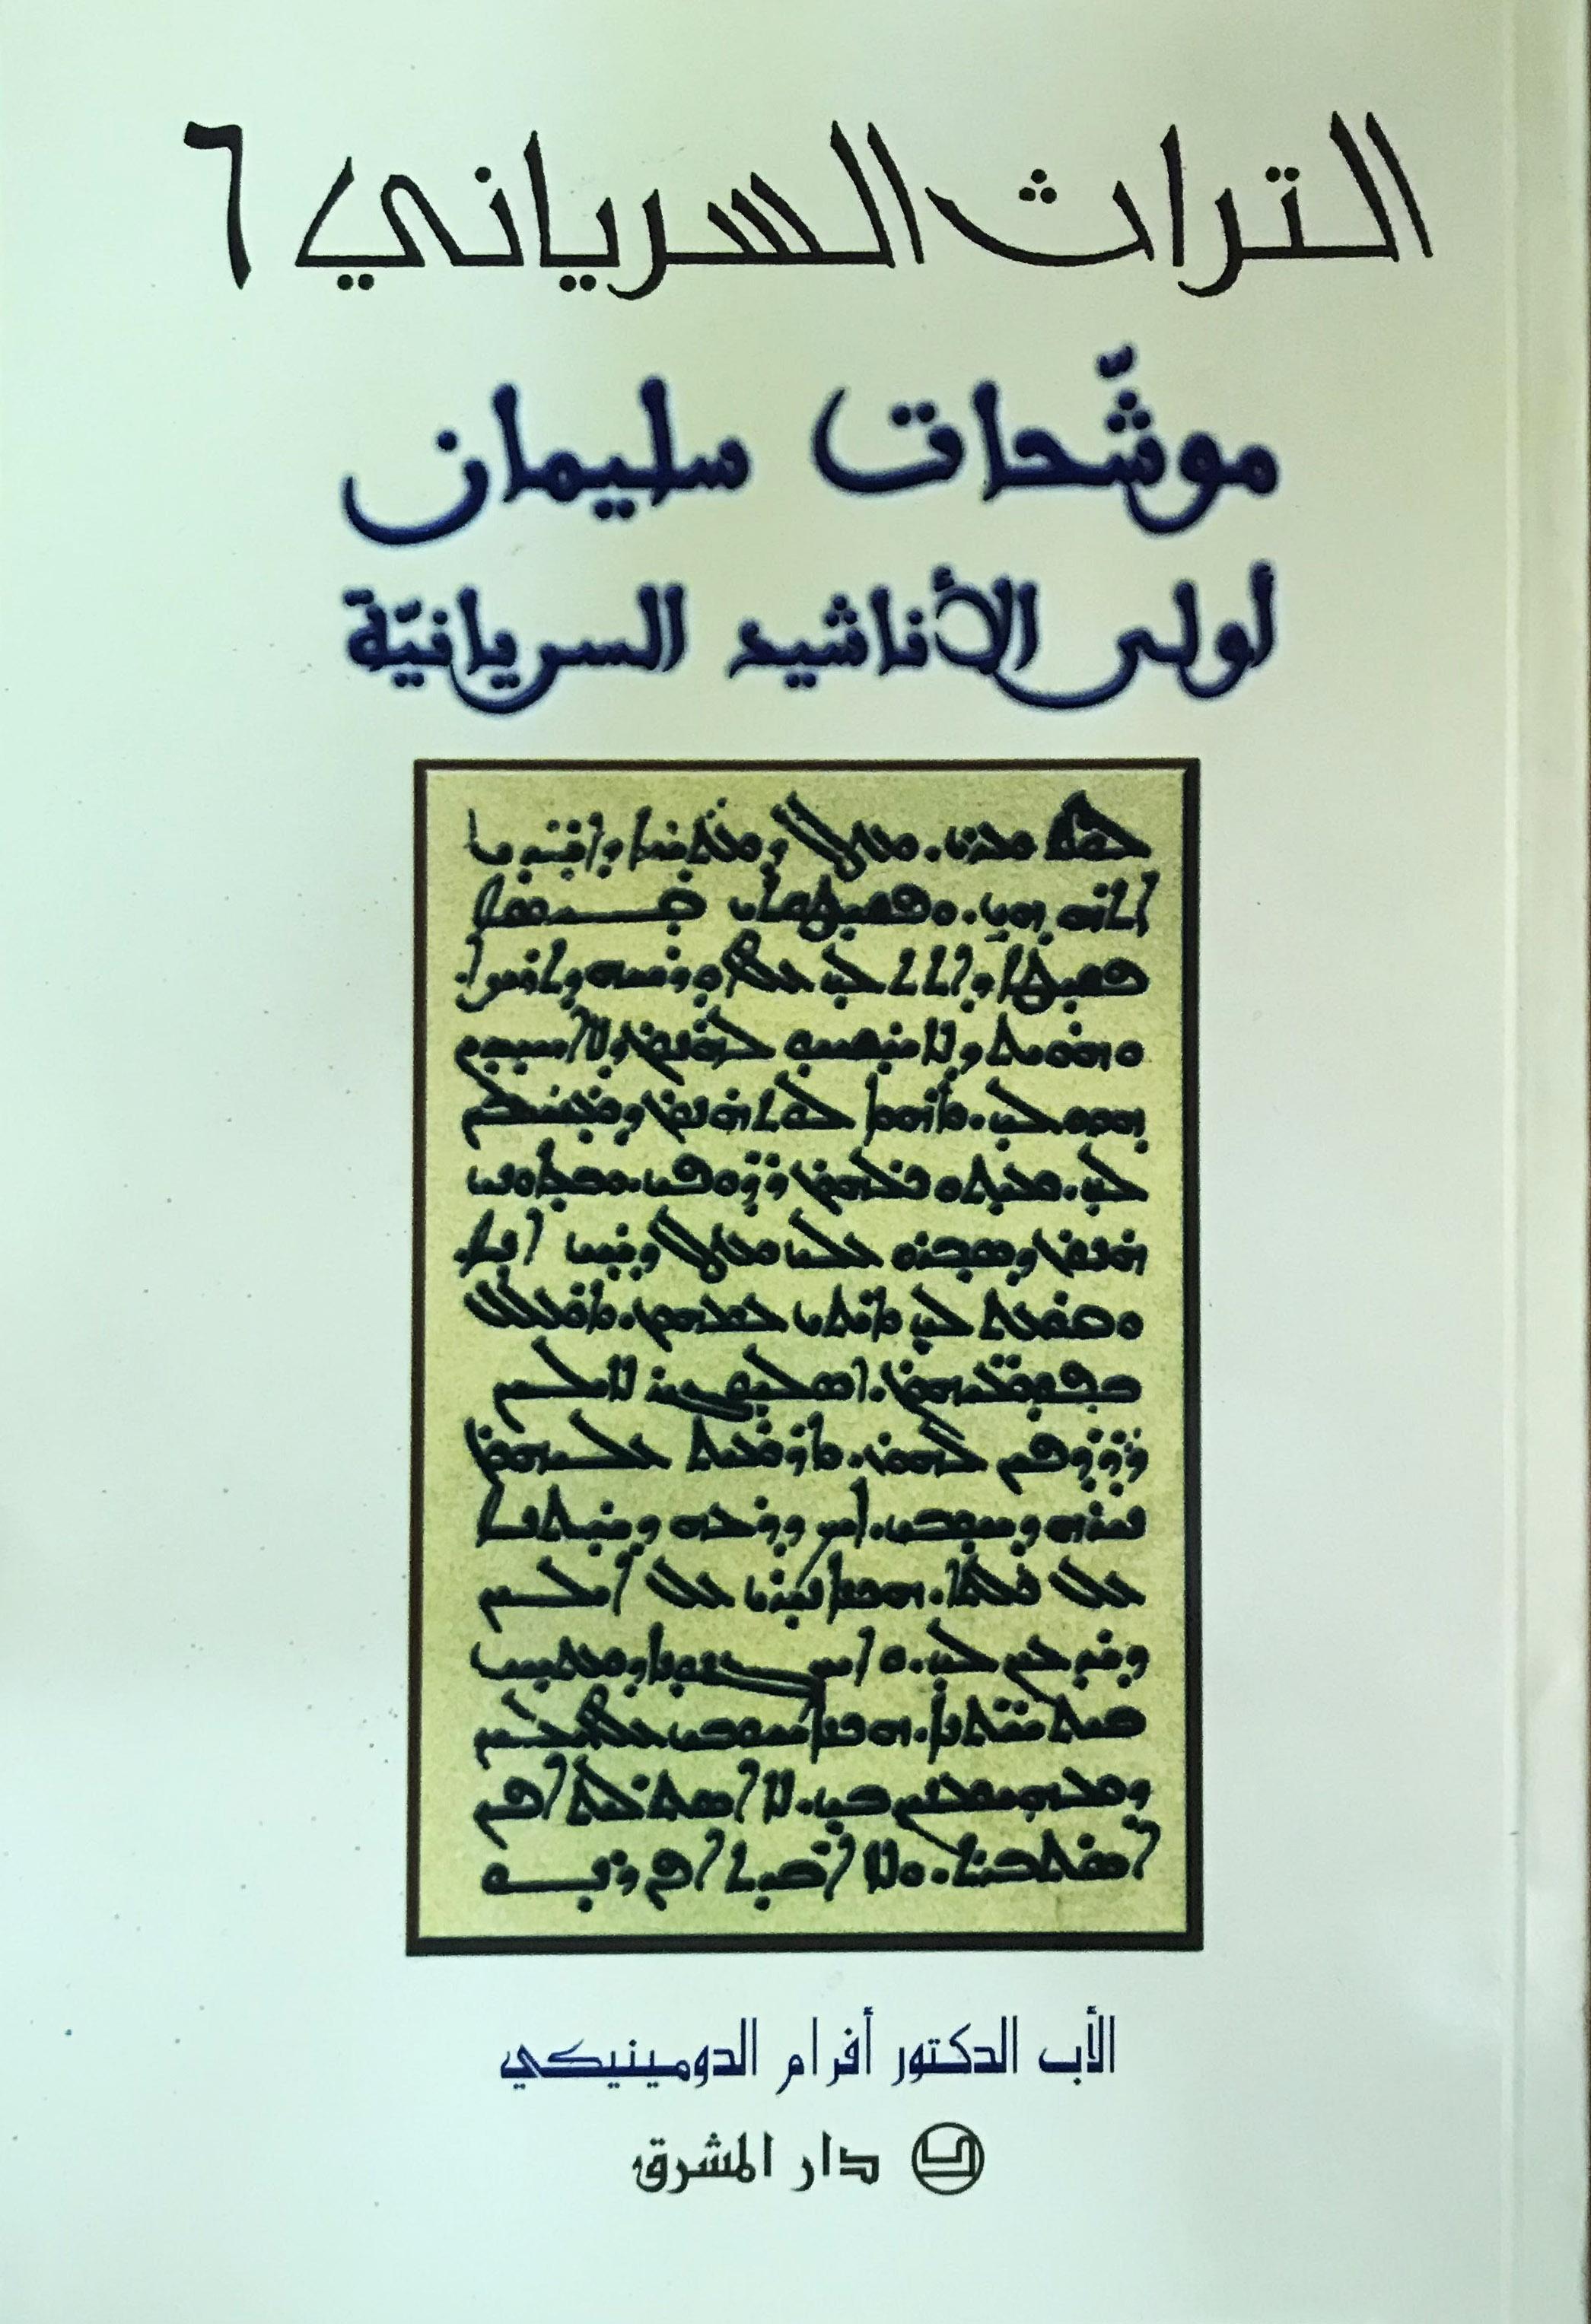 -6-موشحات سليمان -أولى الاناشيد السيريانية